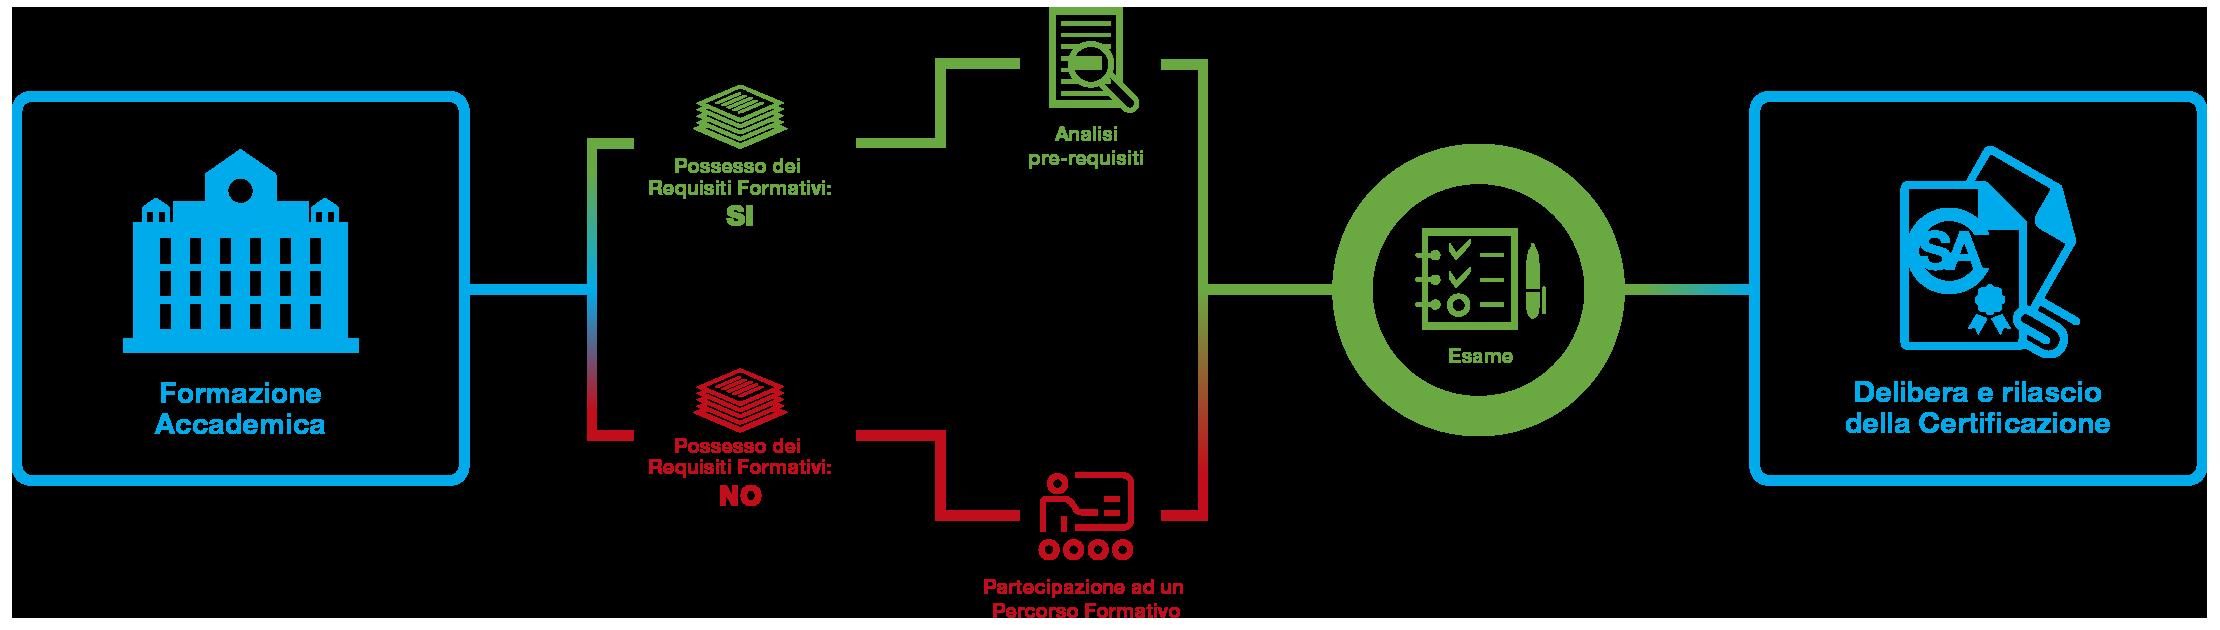 schema certificazione SA